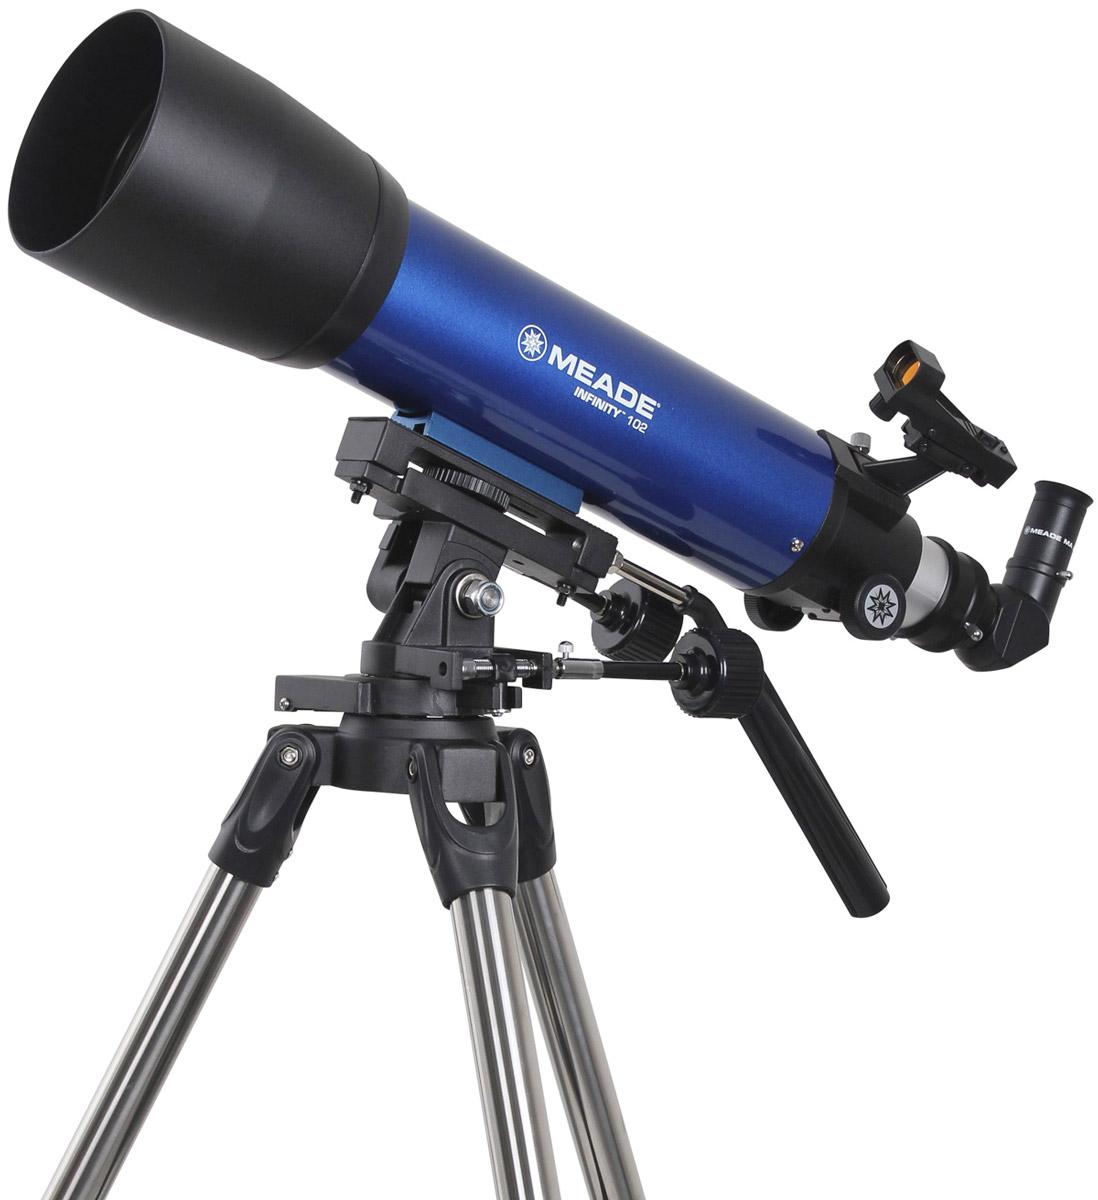 Meade Infinity 102 мм азимутальный телескоп-рефракторTP209006Классический 102-мм ахроматический рефрактор Meade Infinity с просветленным объективом дает яркие,контрастные изображения тысяч объектов ночного неба, а так же удобен для наблюдений за наземнымиобъектами. Инструмент может быть интересен как для новичков, благодаря простоте сборки и управления, алюбители астрономии со стажем оценят надежную устойчивую монтировку, отличную оптику и возможностьвести фотосъемку ярких астрономических объектов.Телескоп установлен на усиленную альт-азимутальную монтировку на прочной стальной треноге свозможностью регулировки высоты ног, делая его удобным при наблюдениях независимо от роста человека.Микрометрические винты обеспечивают плавное ведения телескопа по обеим осям. Для быстрого поискаобъектов на трубе телескопа установлен искатель c красной точкой - Red Dot.Все оптические элементы оптической трубы Meade Infinity 102 мм имеют многослойное просветляющее покрытие,обеспечивающее высокий контраст изображения. Труба снабжена двумя типами стандартных креплений:штативное крепление (для установки на монтировку из комплекта поставки) и ласточкин хвост (для установкина другие монтировки). При этом имеется возможность использовать штатную монтировку с треногой вкачестве обычного фотоштатива.В комплект входят три окуляра: 6,3 (95х ) мм, 9 (67х) мм и 26 (23х) мм, и 2 кратная линза Барлоу, которая удлиняетфокусное расстояние ровно в два раза. Тем самым у пользователя получается уже не три, а шесть увеличений:95 и 190 крат, 67 и 134 крат и 23 и 46 крат. Диагональная 90 градусная призма, обеспечивает максимальныйкомфорт при наблюдении наземных объектов.Окулярный узел телескопа позволяет также устанавливать принадлежности с посадочным диаметром 2 дюйма,что несомненно оценят любители астрономии со стажем.Максимальное увеличение телескопа 200х, относительное отверстие 1:5,9, проницающая способность - 12,3 м(звездной величины). Благодаря этим характеристикам телескопа вы сможете увидеть моря